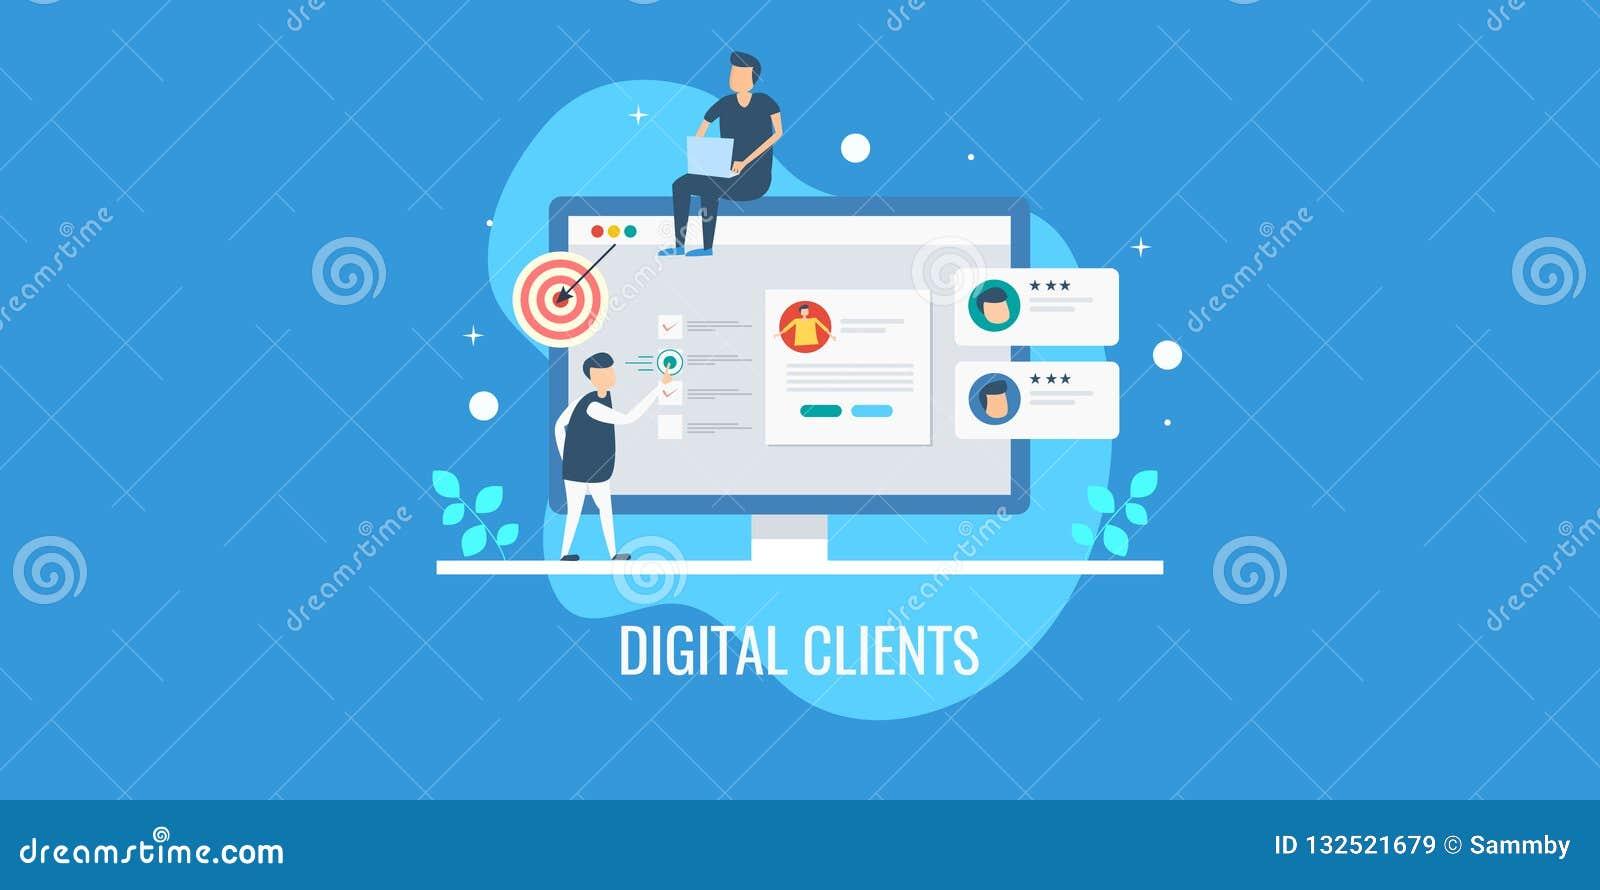 Digitaal op de markt brengend team die klantenprofiel analyseren, volgend klantengedrag, die nieuw perspectief op cliënten richte